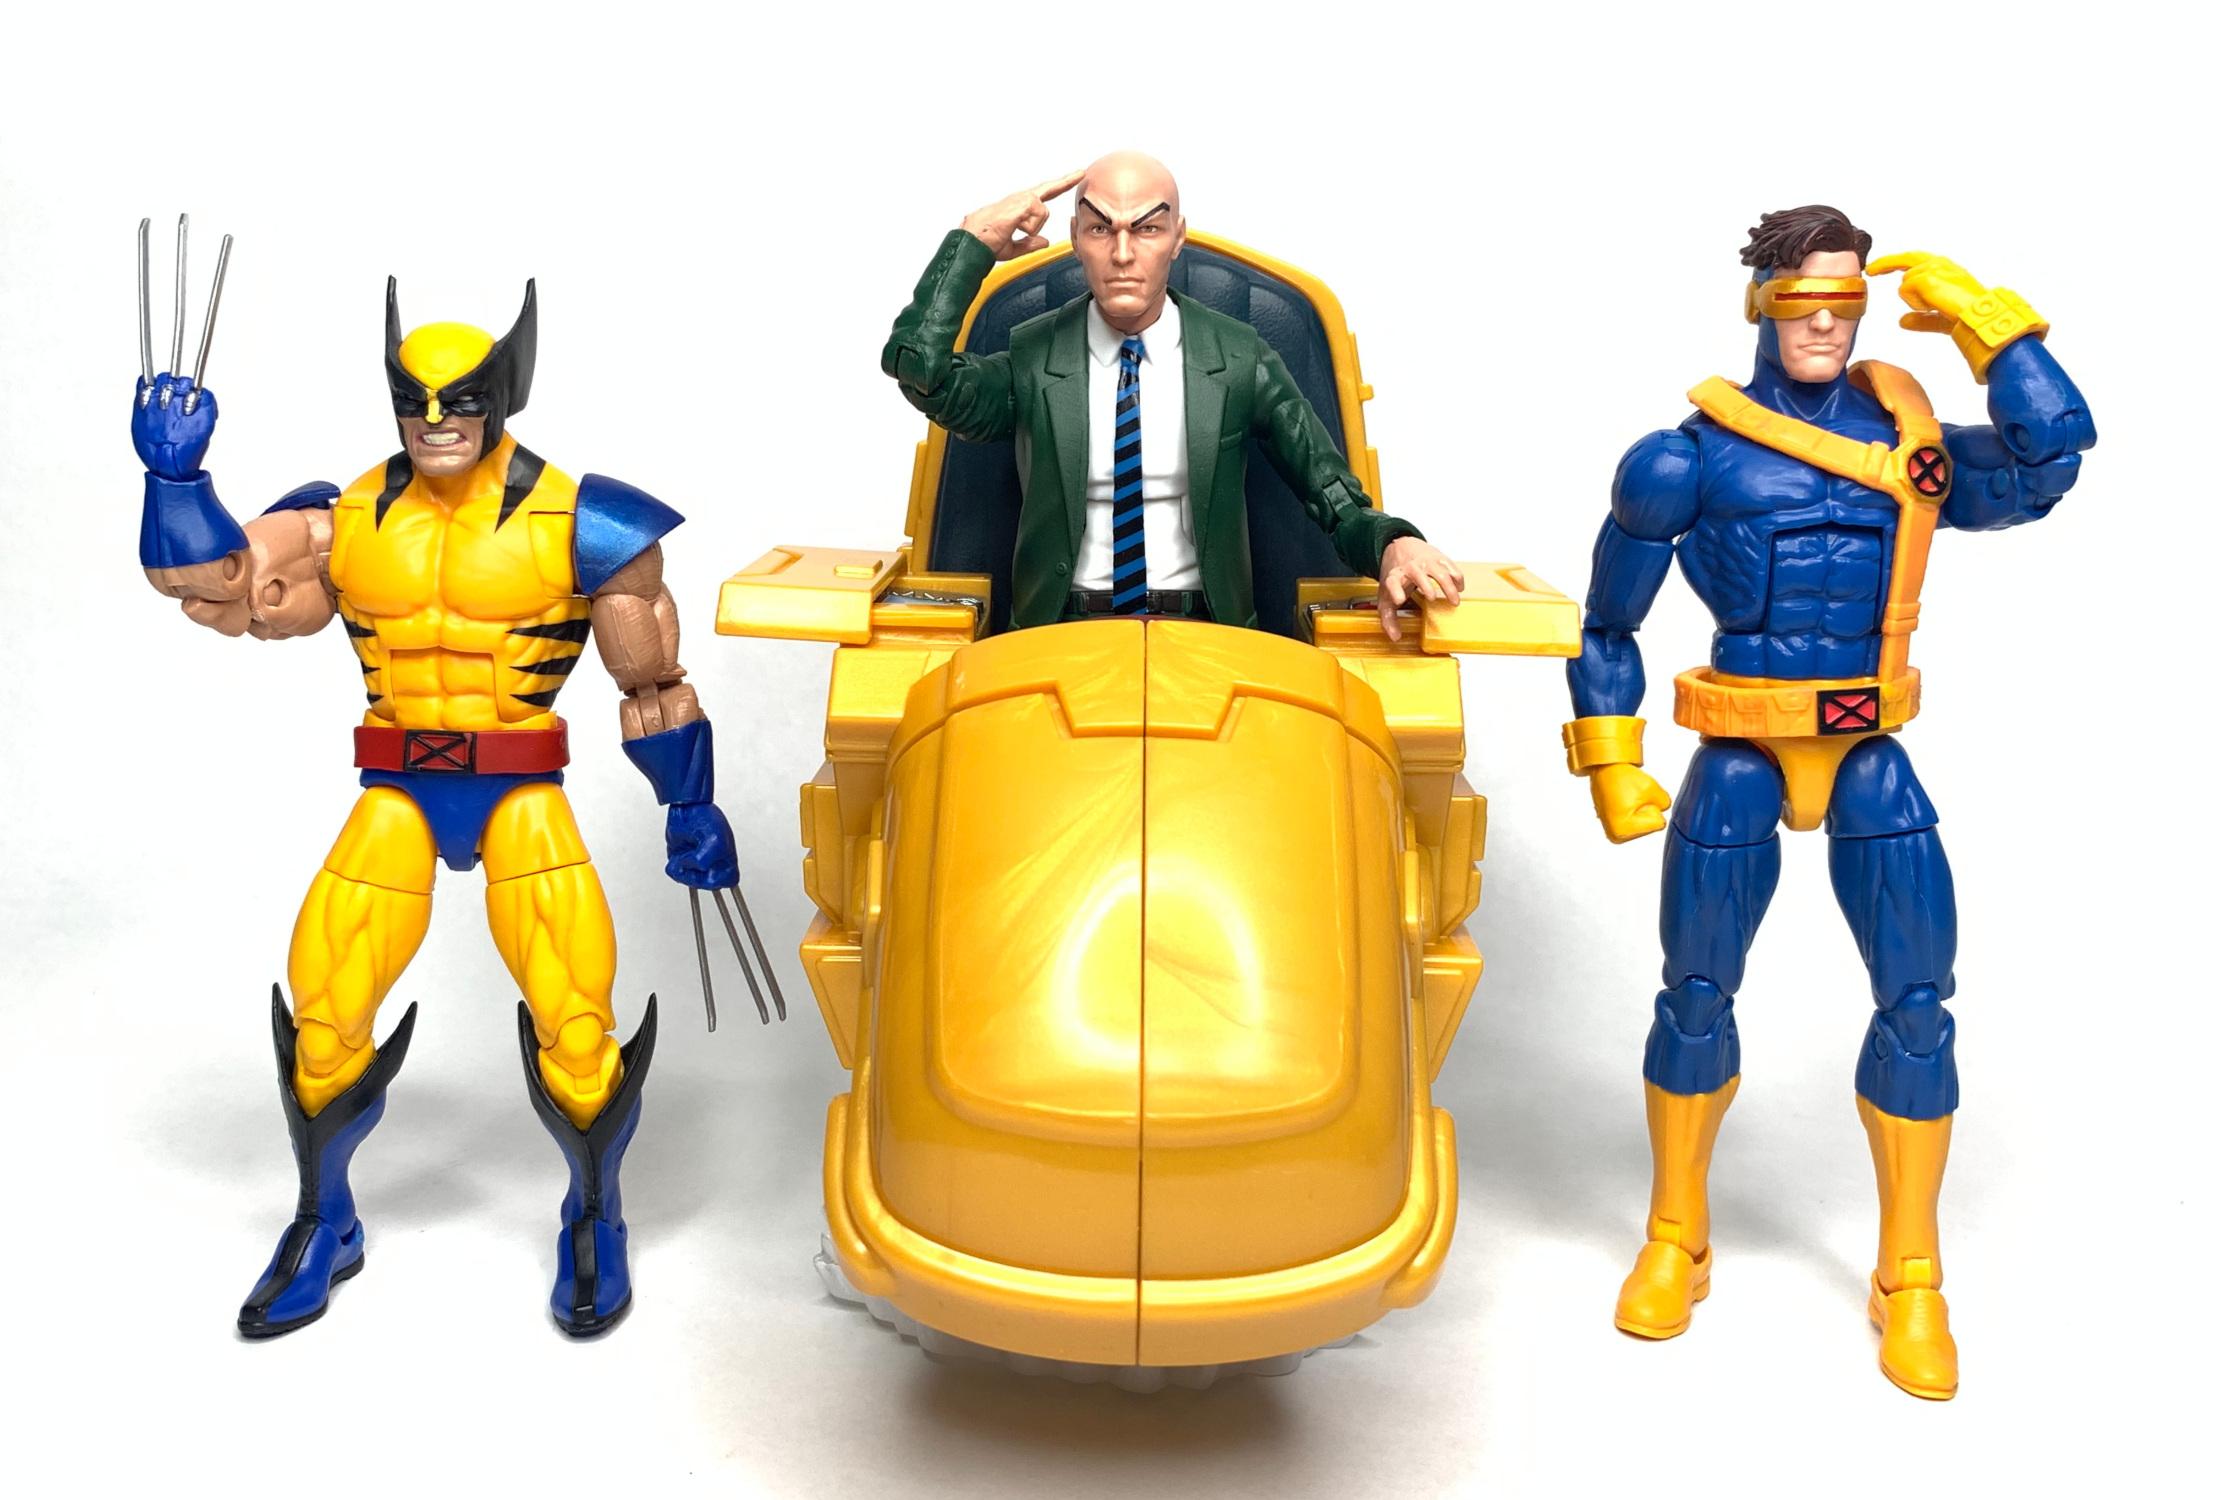 X-men Professor X Action Figure From Marvel Comics